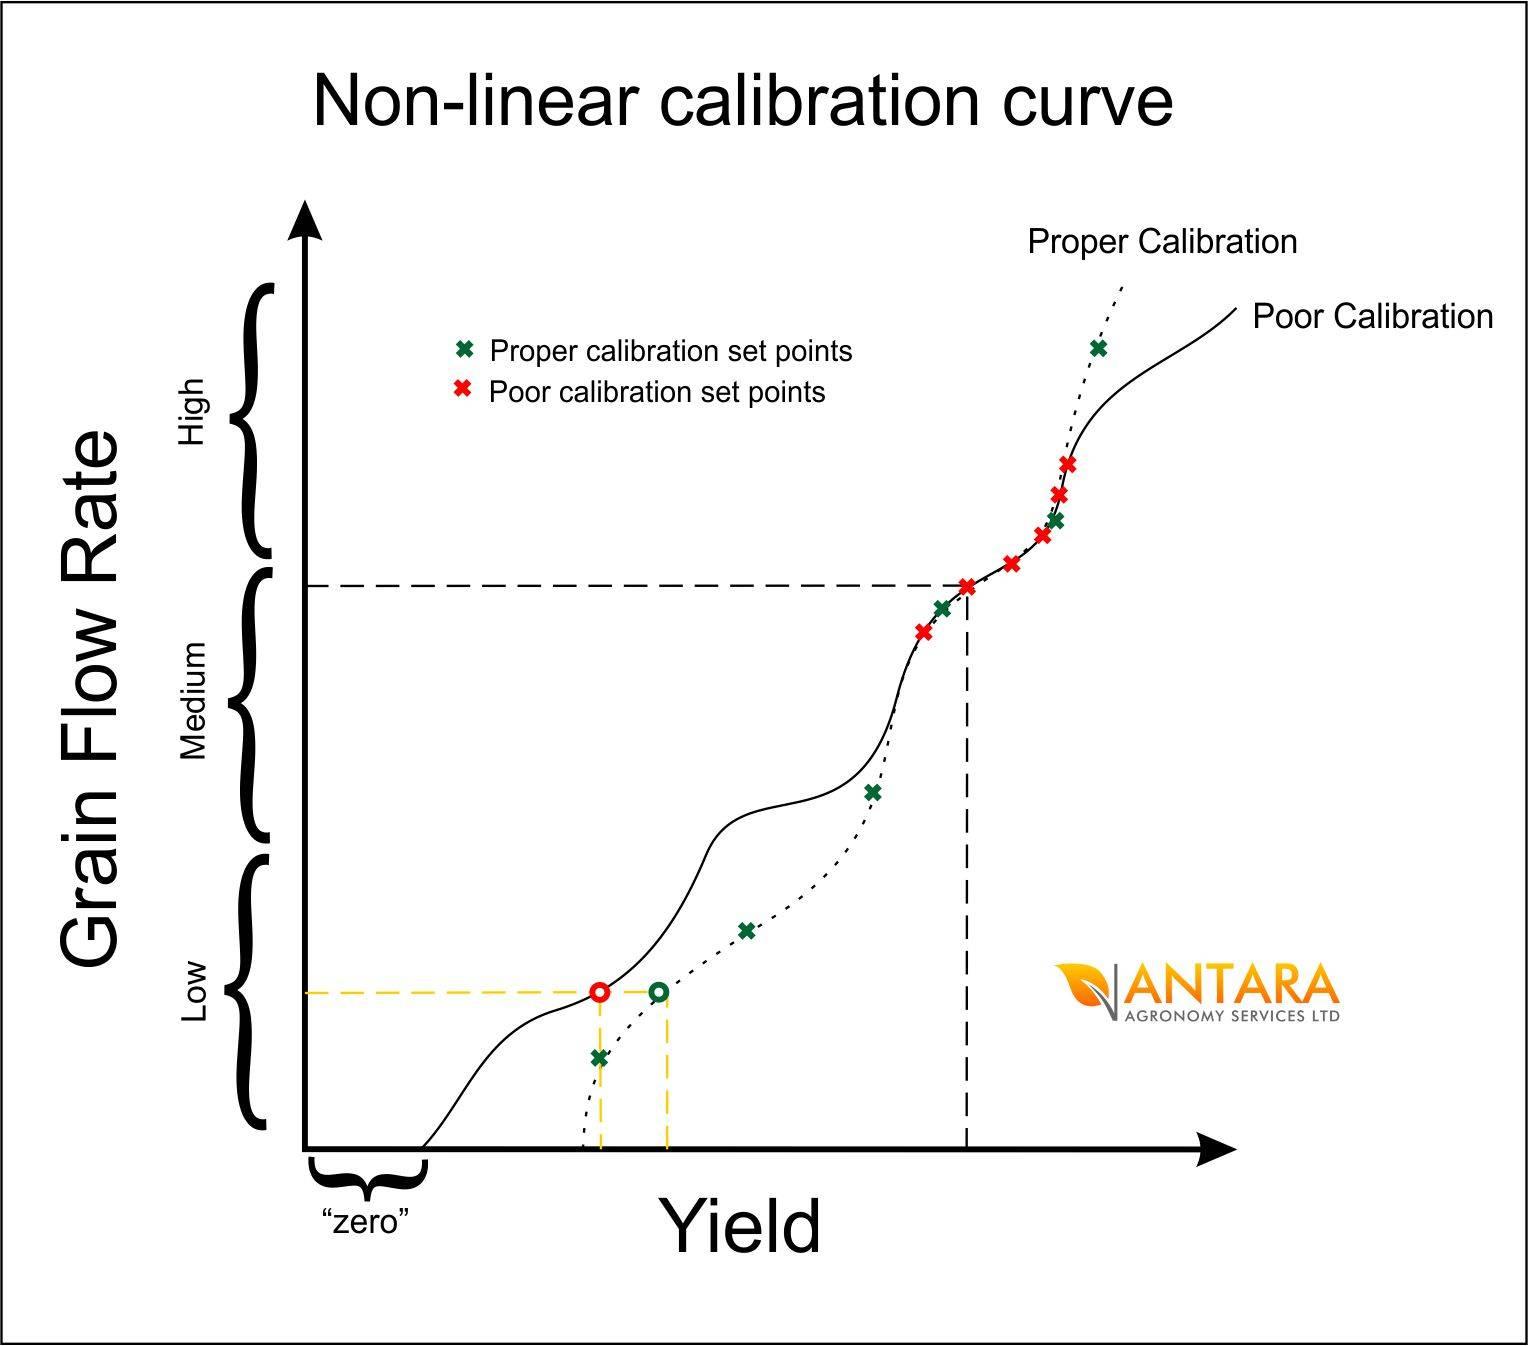 non-linear calibration curves